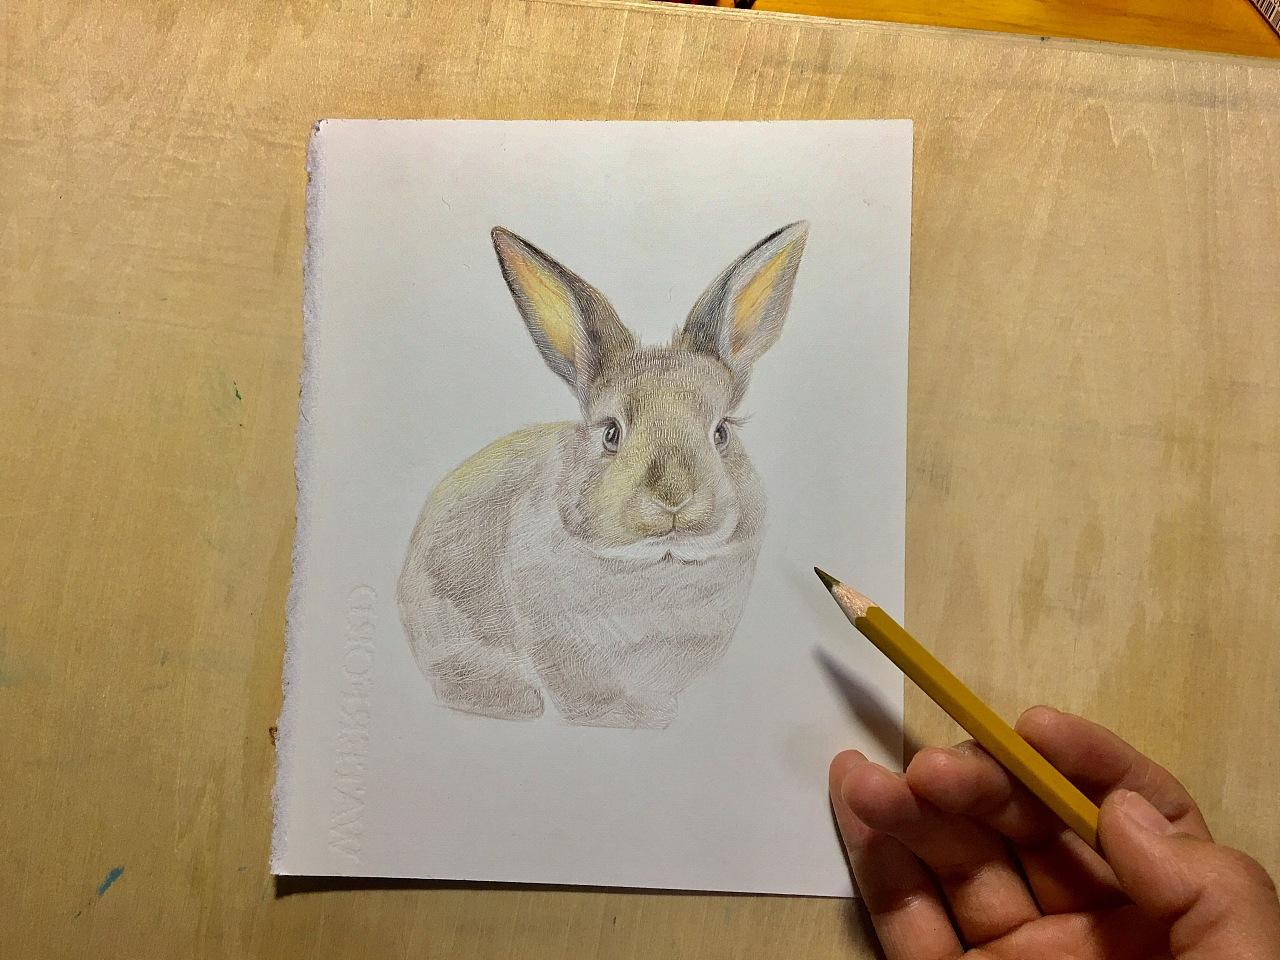 一只呆萌的小兔子